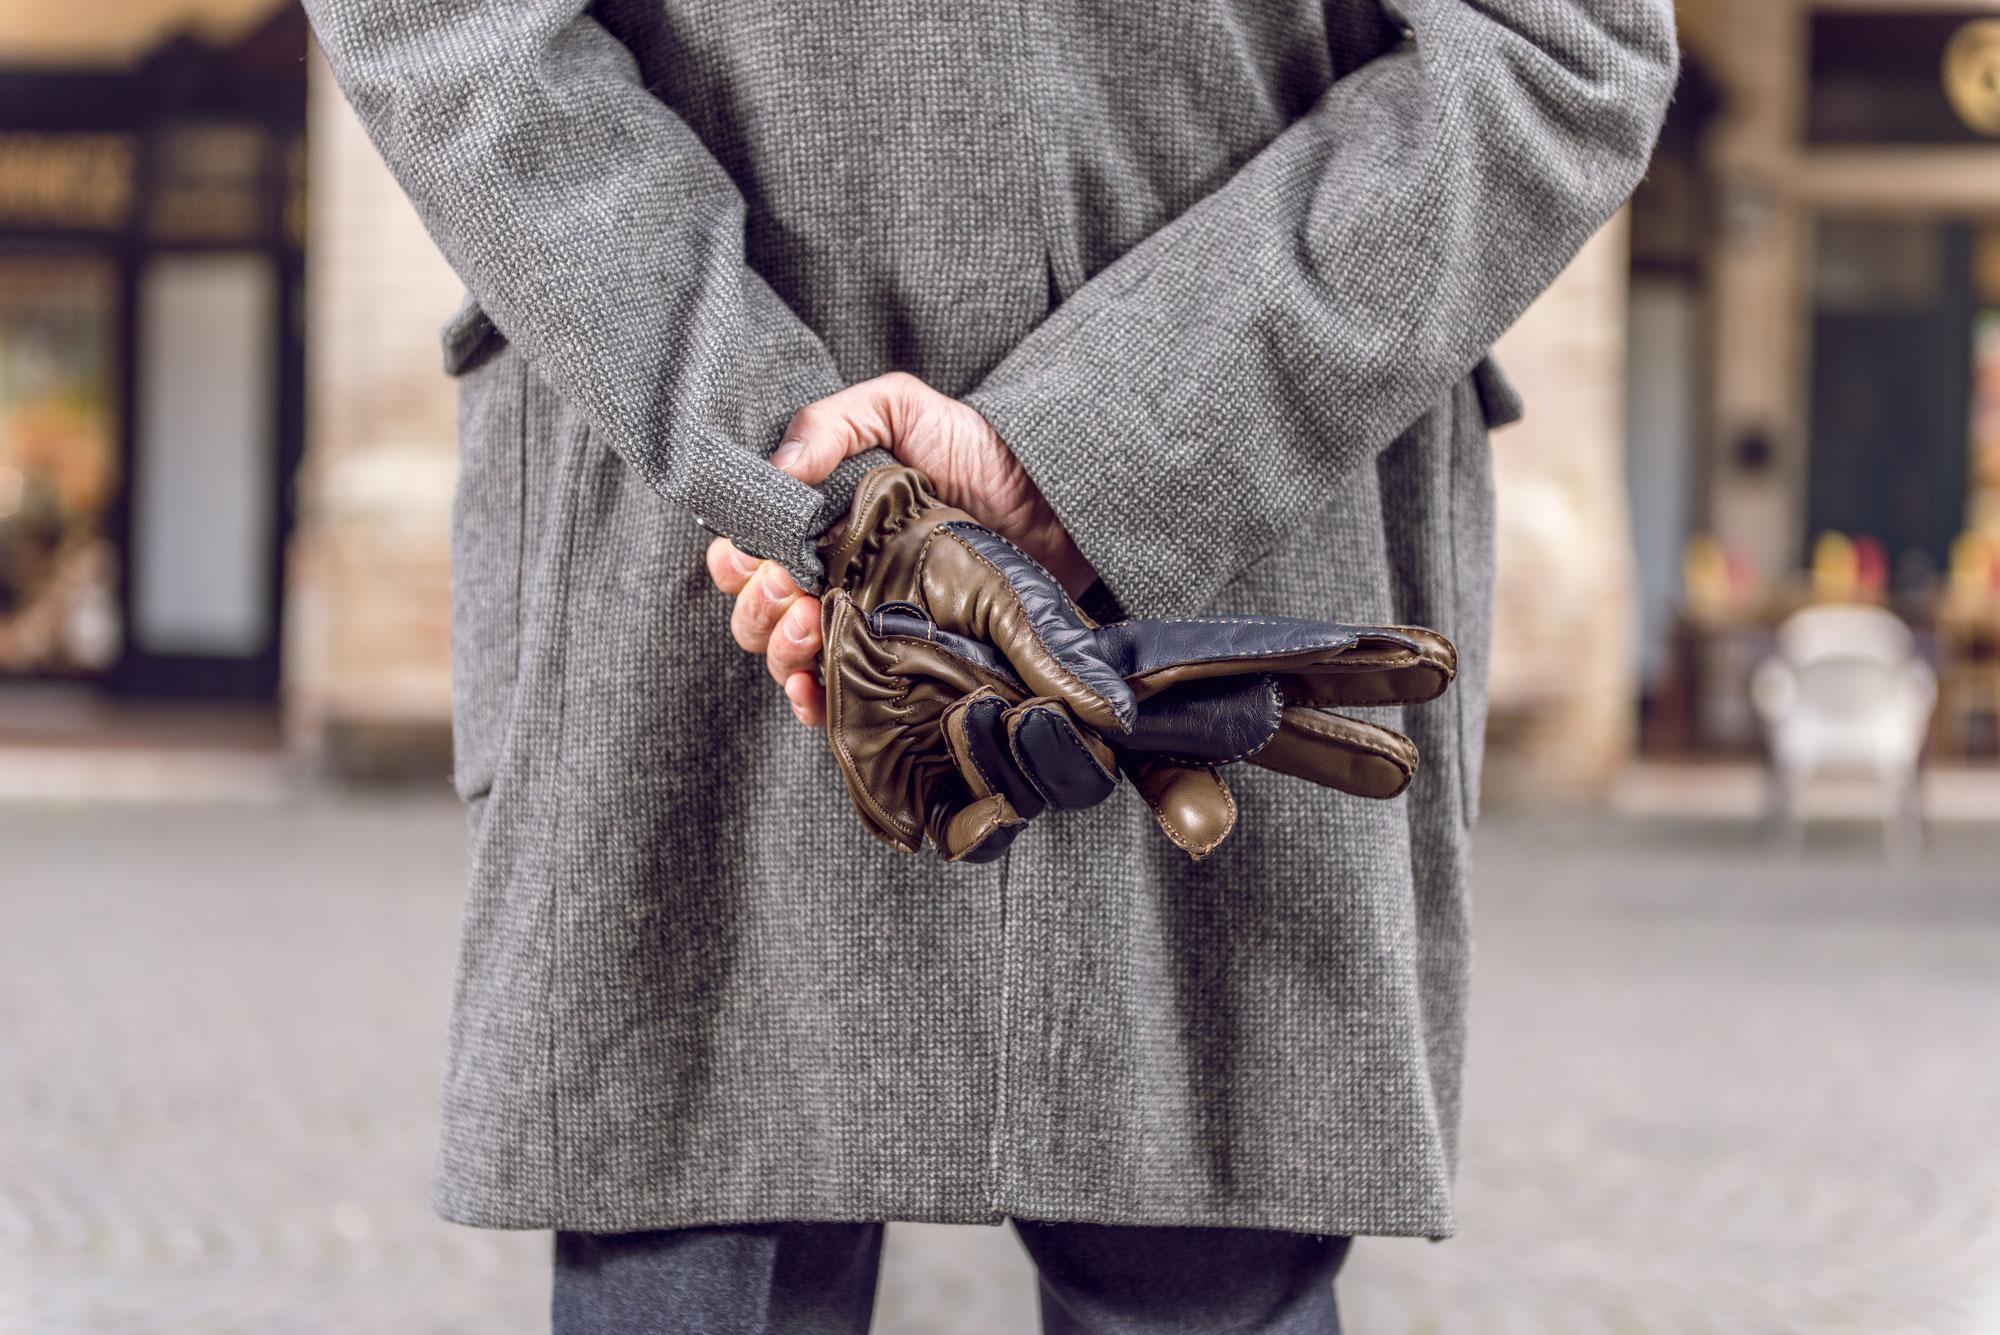 Foto prodotto moda uomo passagrilli